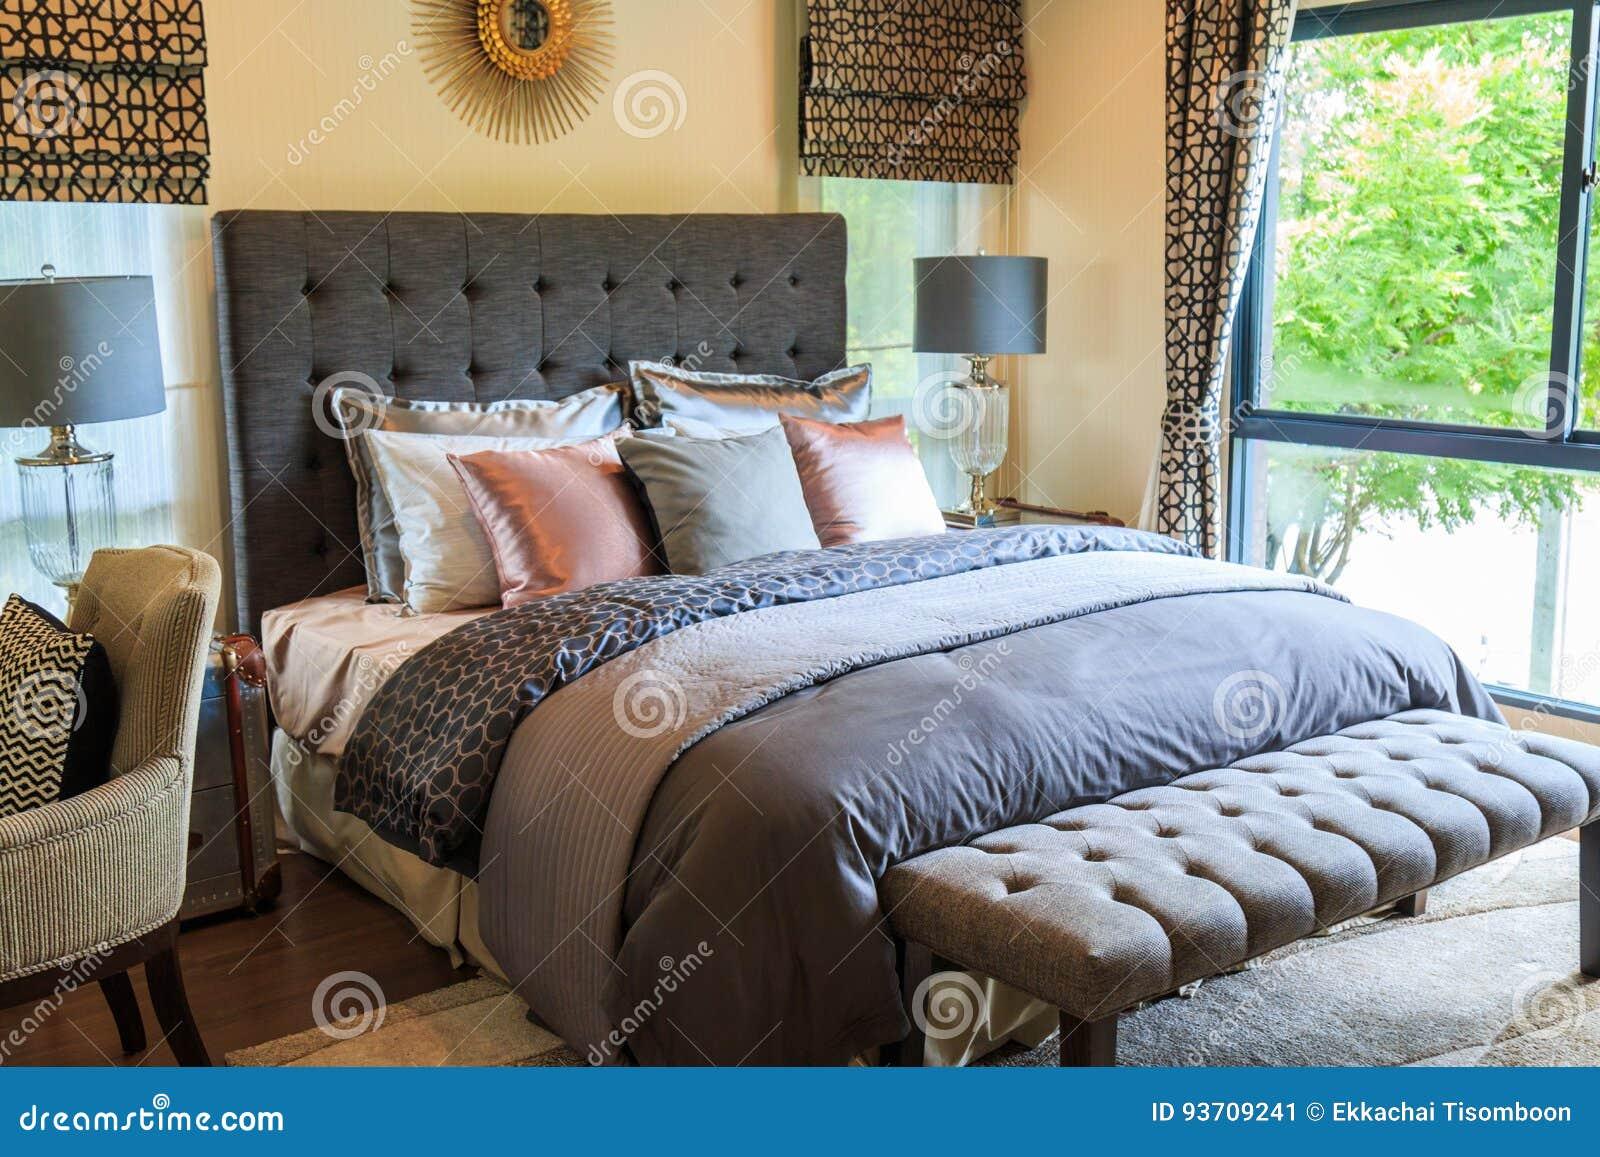 Viele Kissen Auf Dem Bett Und Die Bettscheinwerfer Mit Warmem Licht ...